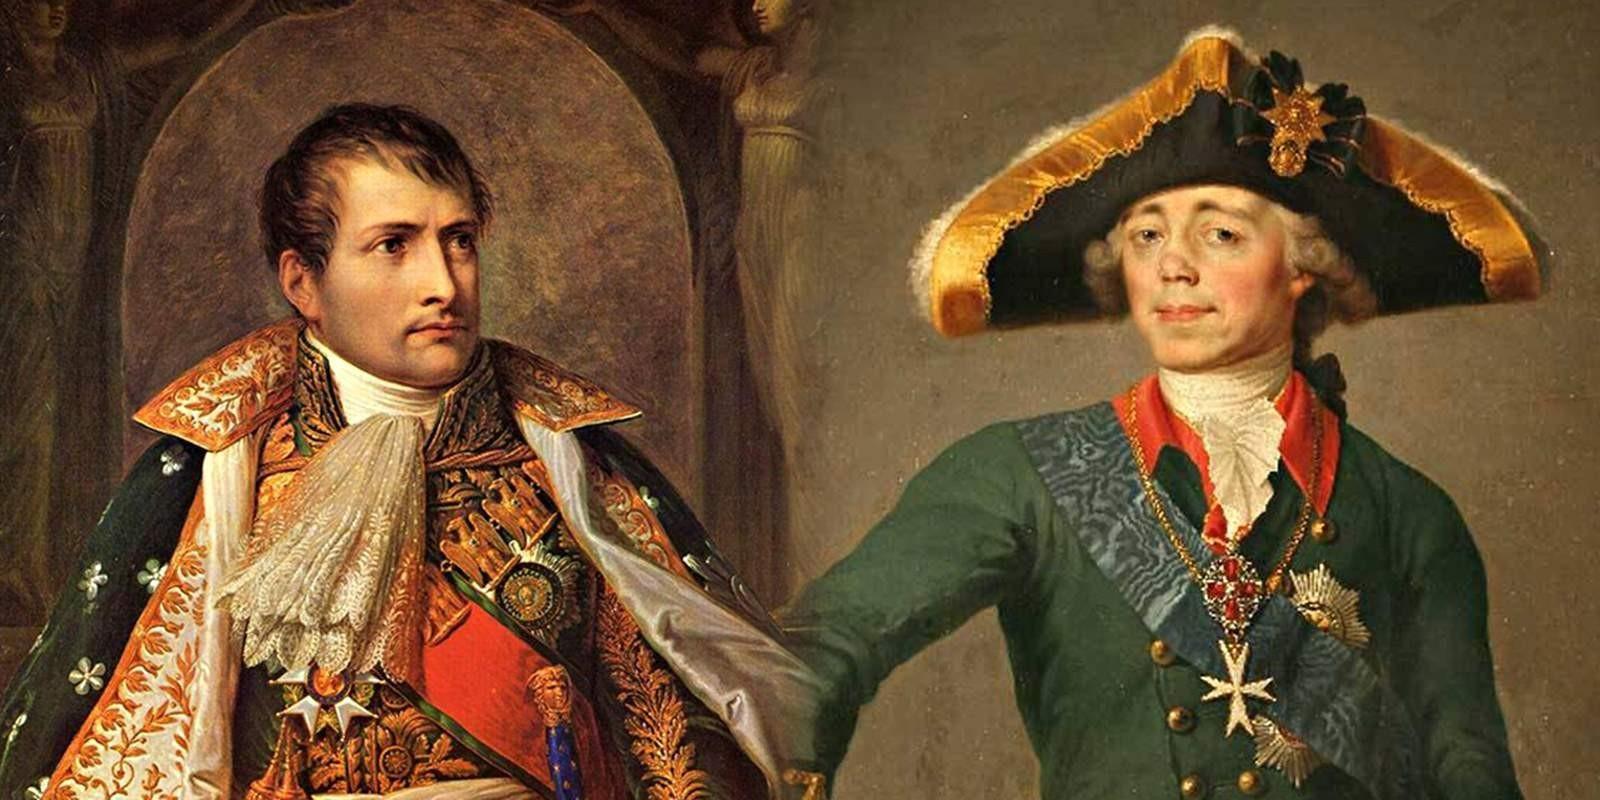 Союз Наполеона и Павла I и их «наполеоновские» планы